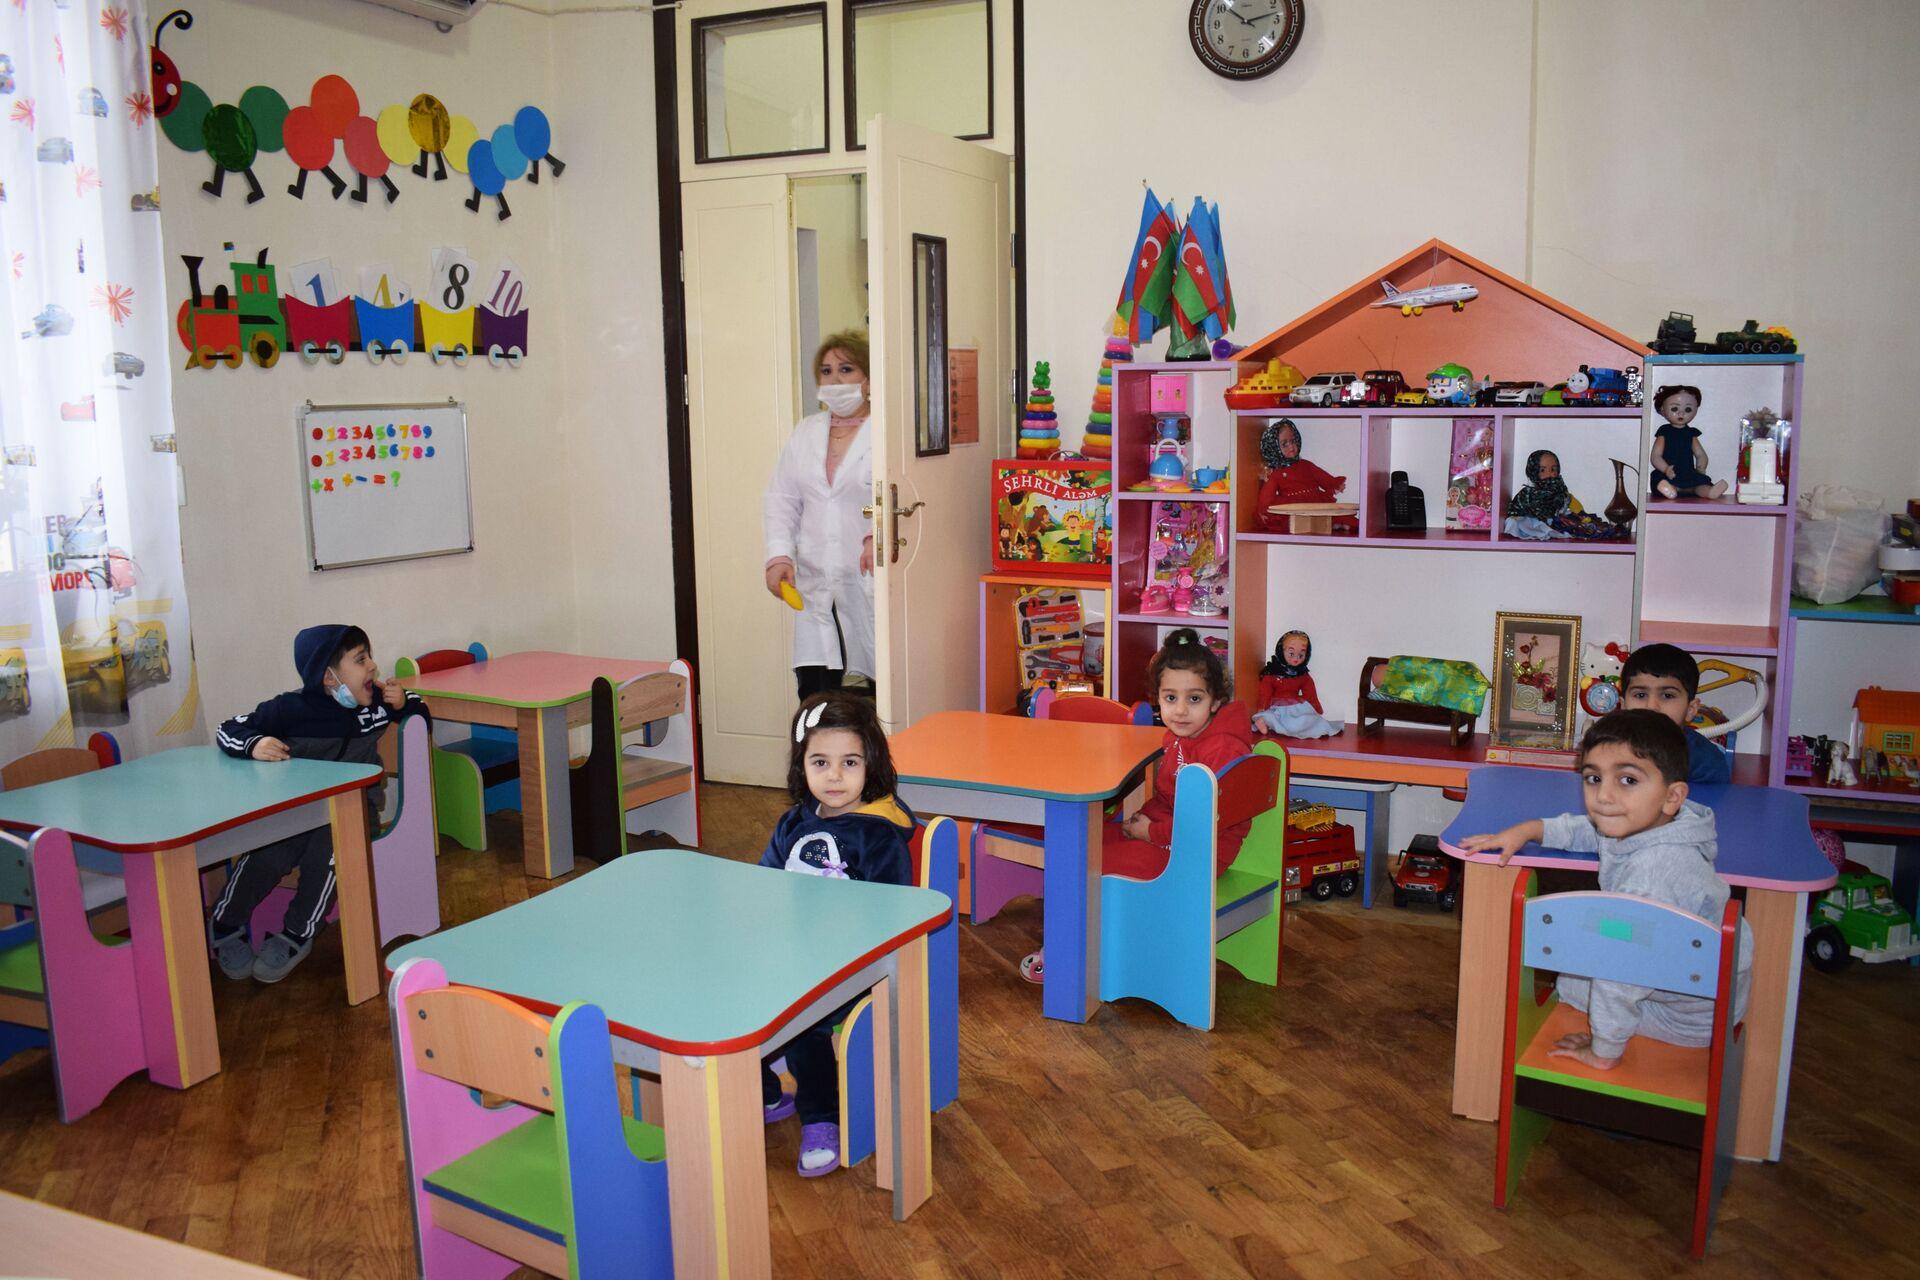 Удобно и безопасно: в Баку заработали дошкольные учреждения - репортаж - Sputnik Азербайджан, 1920, 15.02.2021